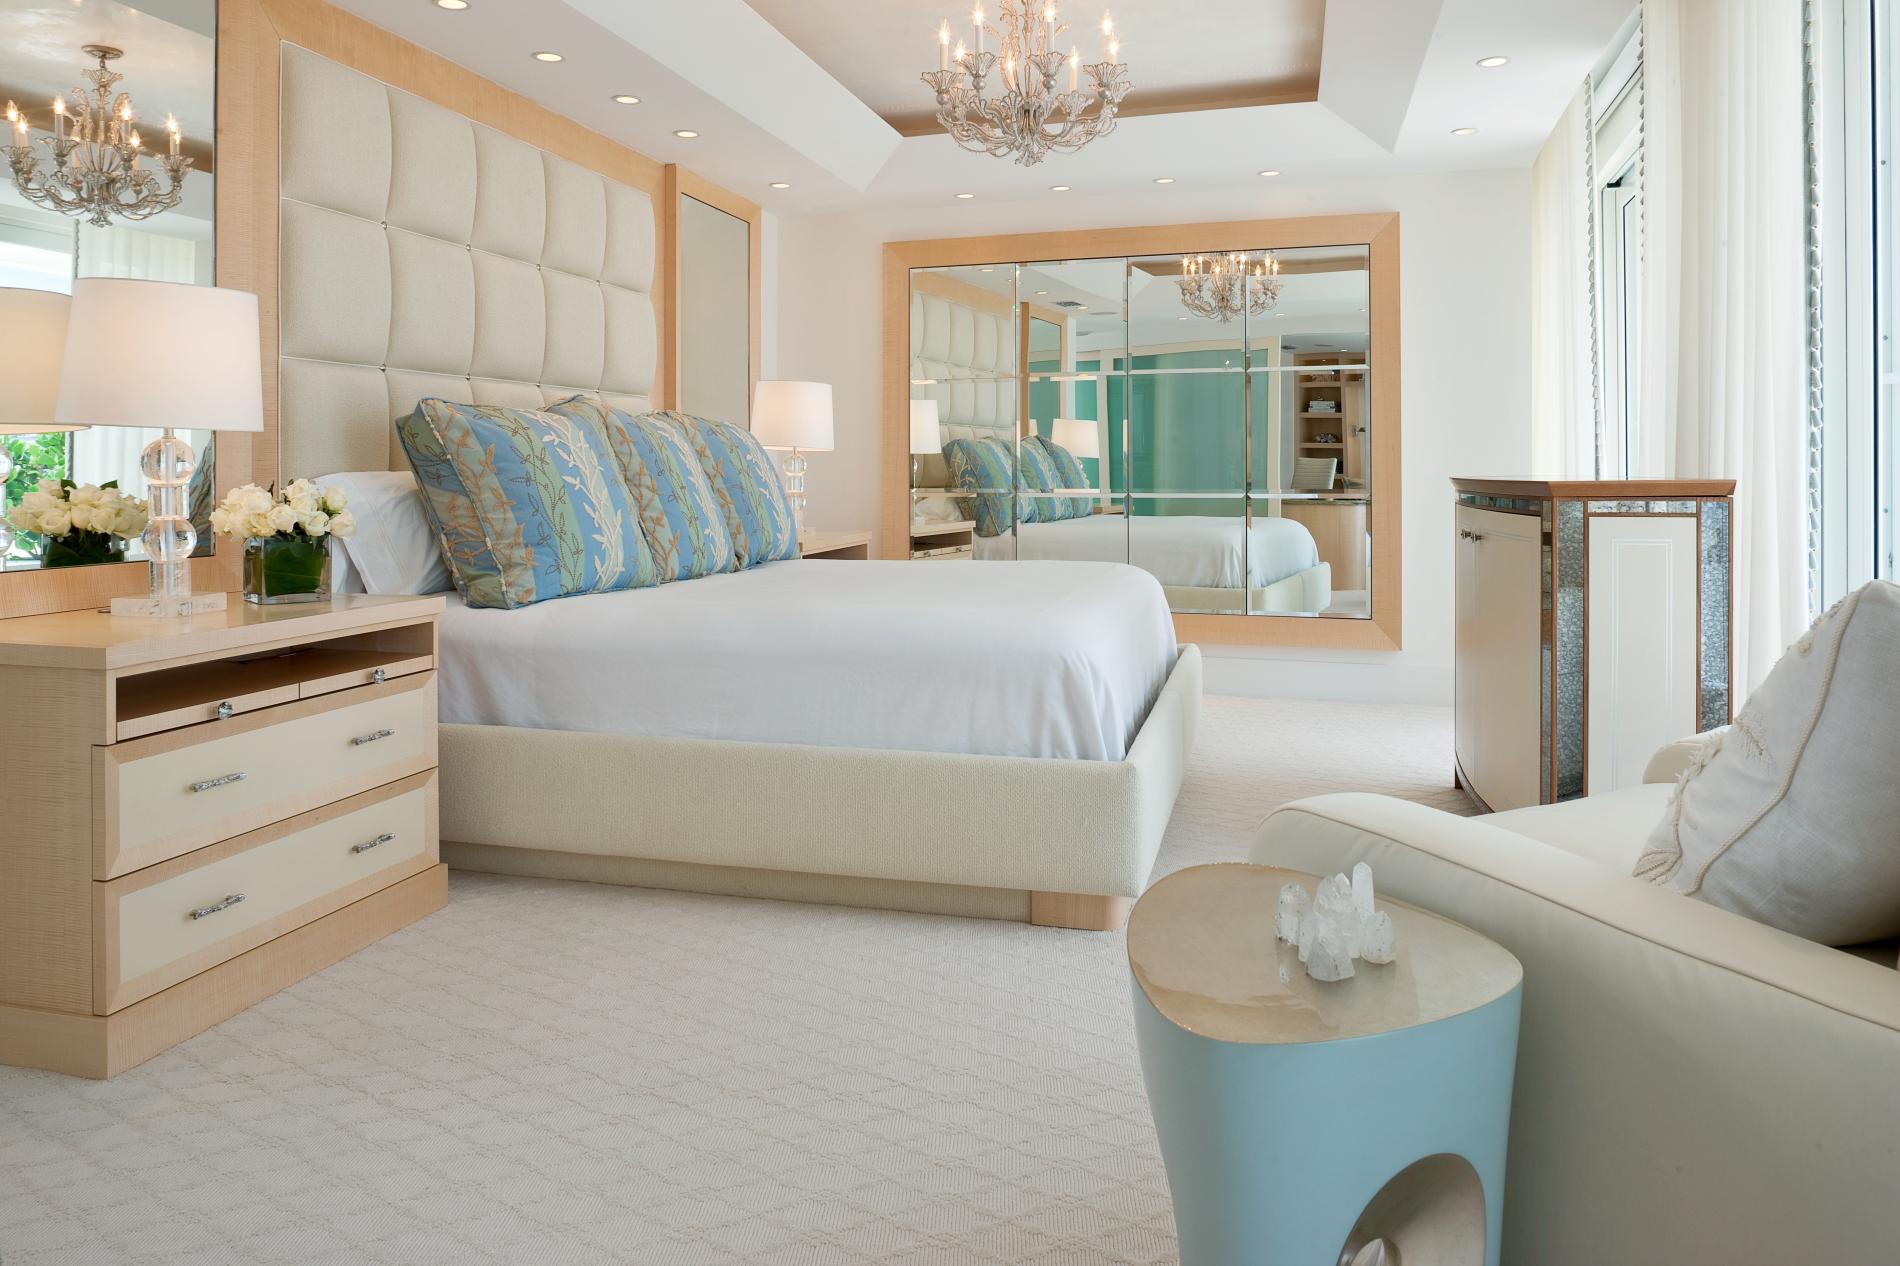 дизайн интерьера спальни 7.jpg